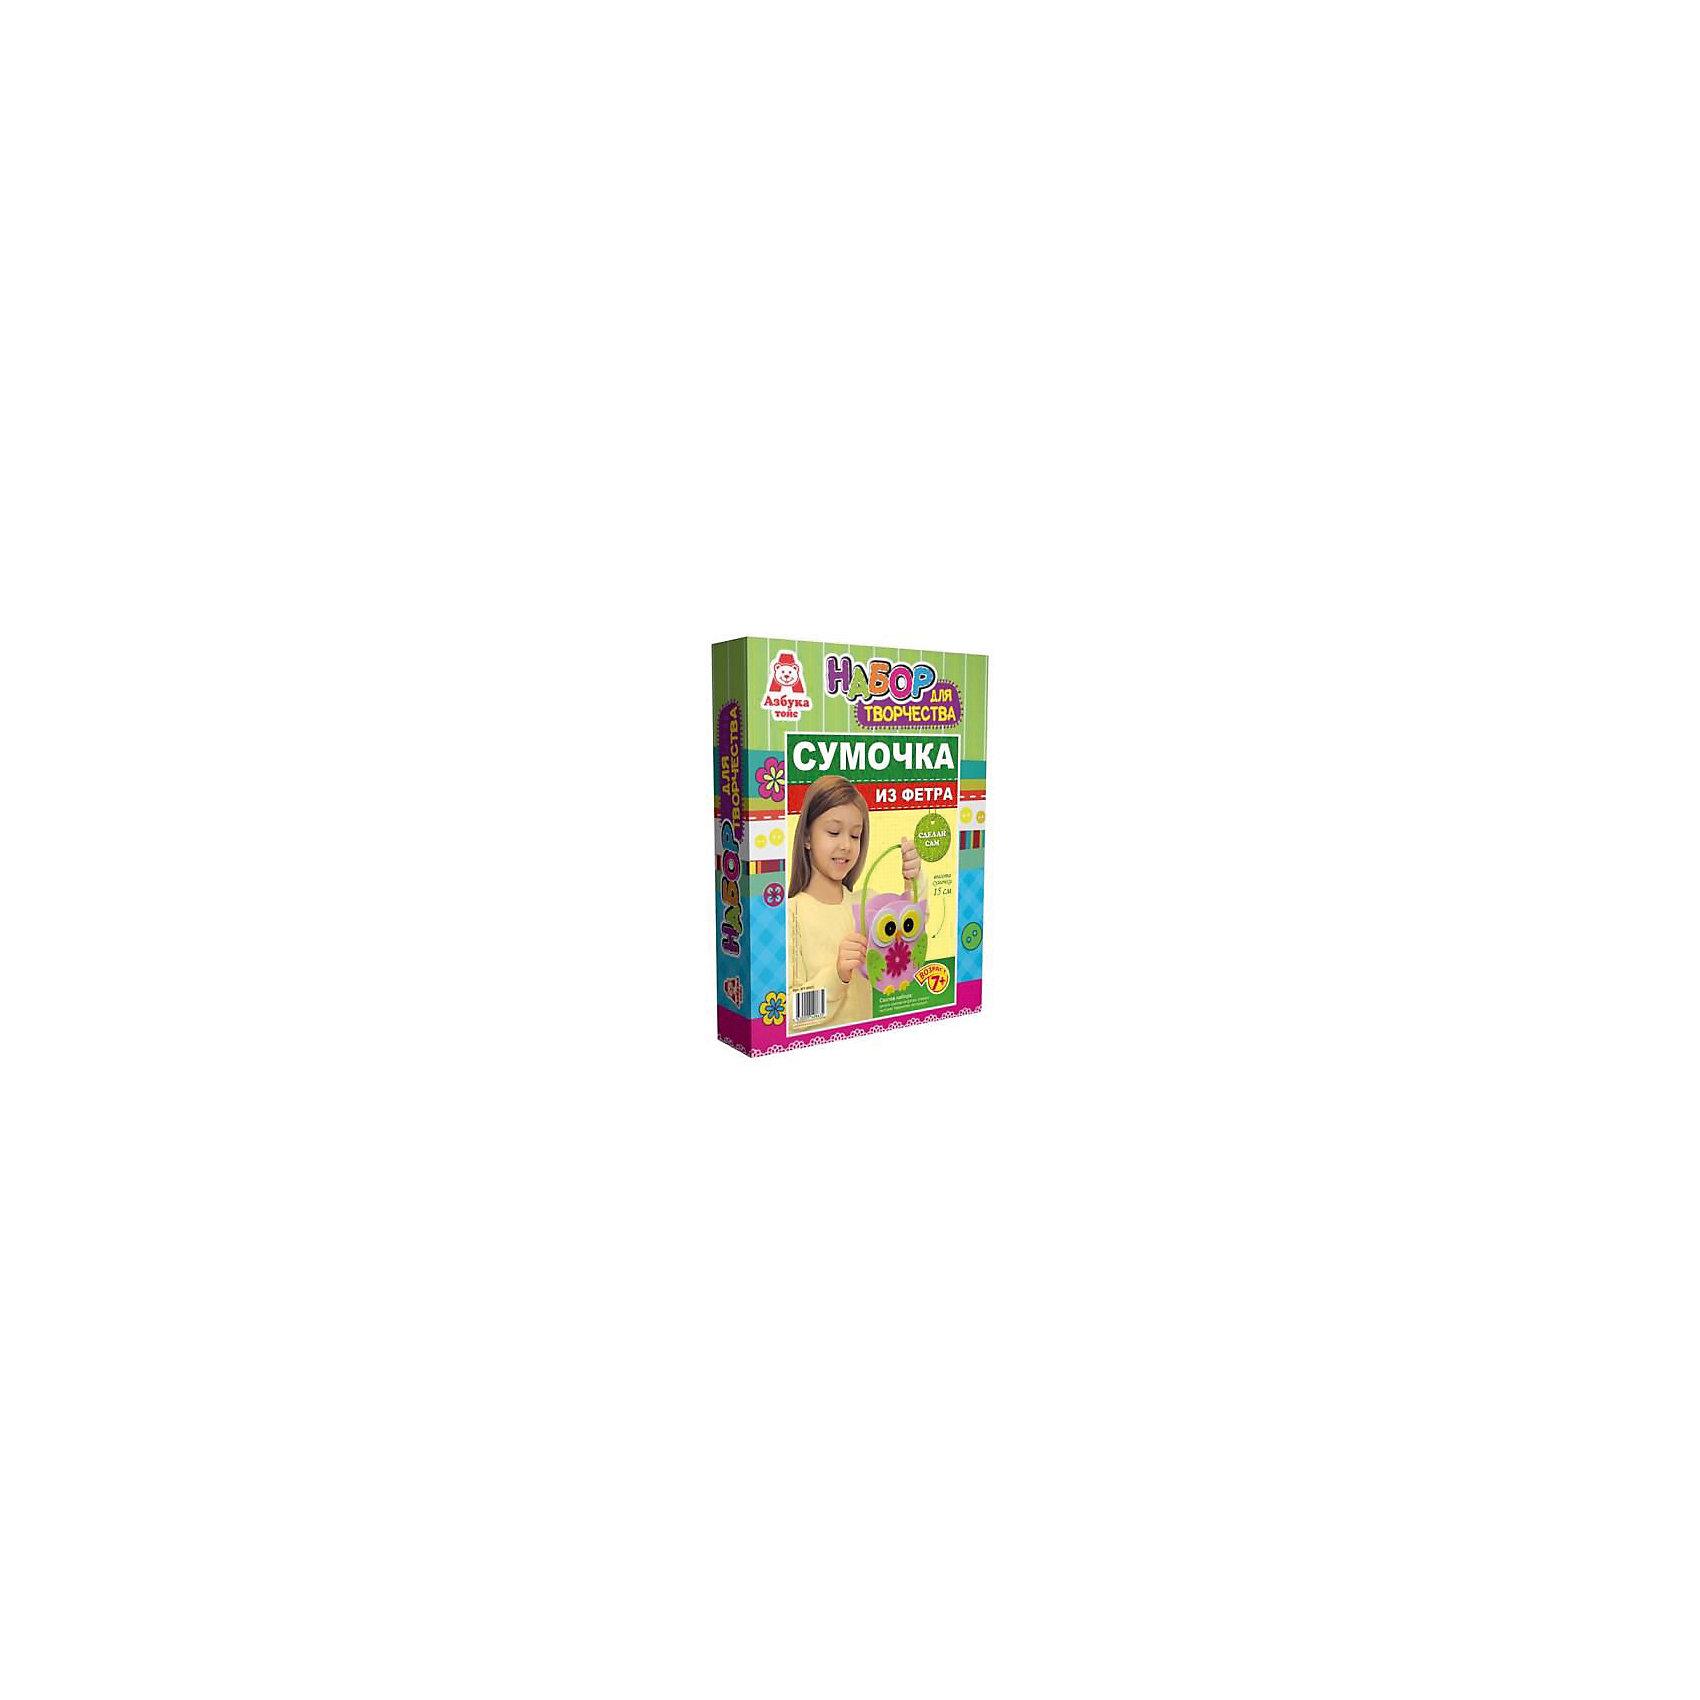 Сумочка из фетра Сова с зелеными крыльямиШитьё<br>Сумочка из фетра Сова с зелеными крыльями, Азбука Тойс.<br><br>Характеристики:<br><br>• готовая сумочка прекрасно сохраняет форму<br>• легко изготовить<br>• яркие материалы<br>• высота сумочки: 15 см<br>• в комплекте: детали из фетра, термоклей, клеевой пистолет<br>• размер упаковки: 28х5х21 см<br>• вес: 178 грамм<br><br>Что может быть увлекательнее создания собственной сумочки? Набор для создания сумочки из фетра от торговой марки Азбука Тойс поможет девочке создать уникальный аксессуар своими руками. Для создания сумочки необходимо соединить все детали с помощью термоклея и клеевого пистолета. Готовая сумочка держит форму, благодаря чему, ее можно использовать для различных безделушек и аксессуаров. Яркий дизайн в виде совы придется по вкусу каждой моднице!<br><br>Сумочку из фетра Сова с зелеными крыльями, Азбука Тойс вы можете купить в нашем интернет-магазине.<br><br>Ширина мм: 210<br>Глубина мм: 50<br>Высота мм: 280<br>Вес г: 178<br>Возраст от месяцев: 84<br>Возраст до месяцев: 144<br>Пол: Женский<br>Возраст: Детский<br>SKU: 5062976